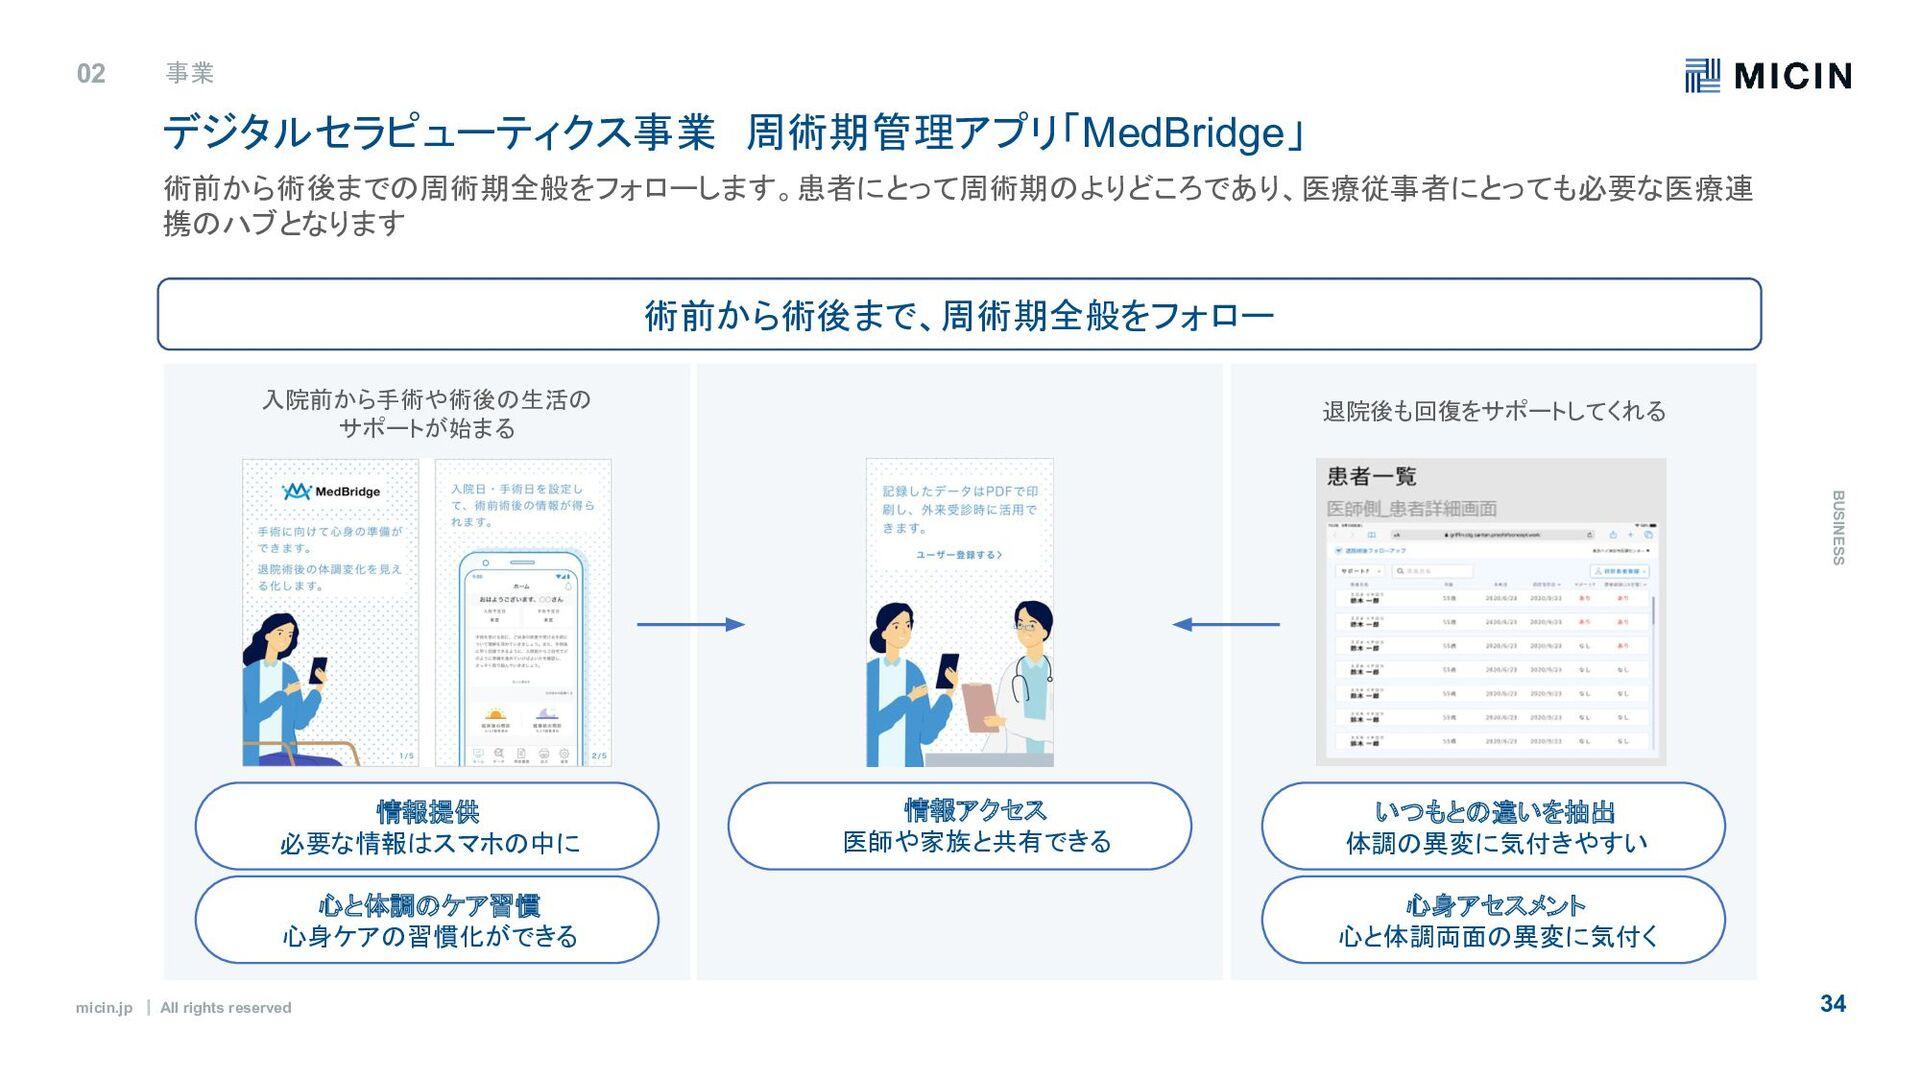 micin.jp ʛ All rights reserved 34 組織の特徴:5つのバリュー...